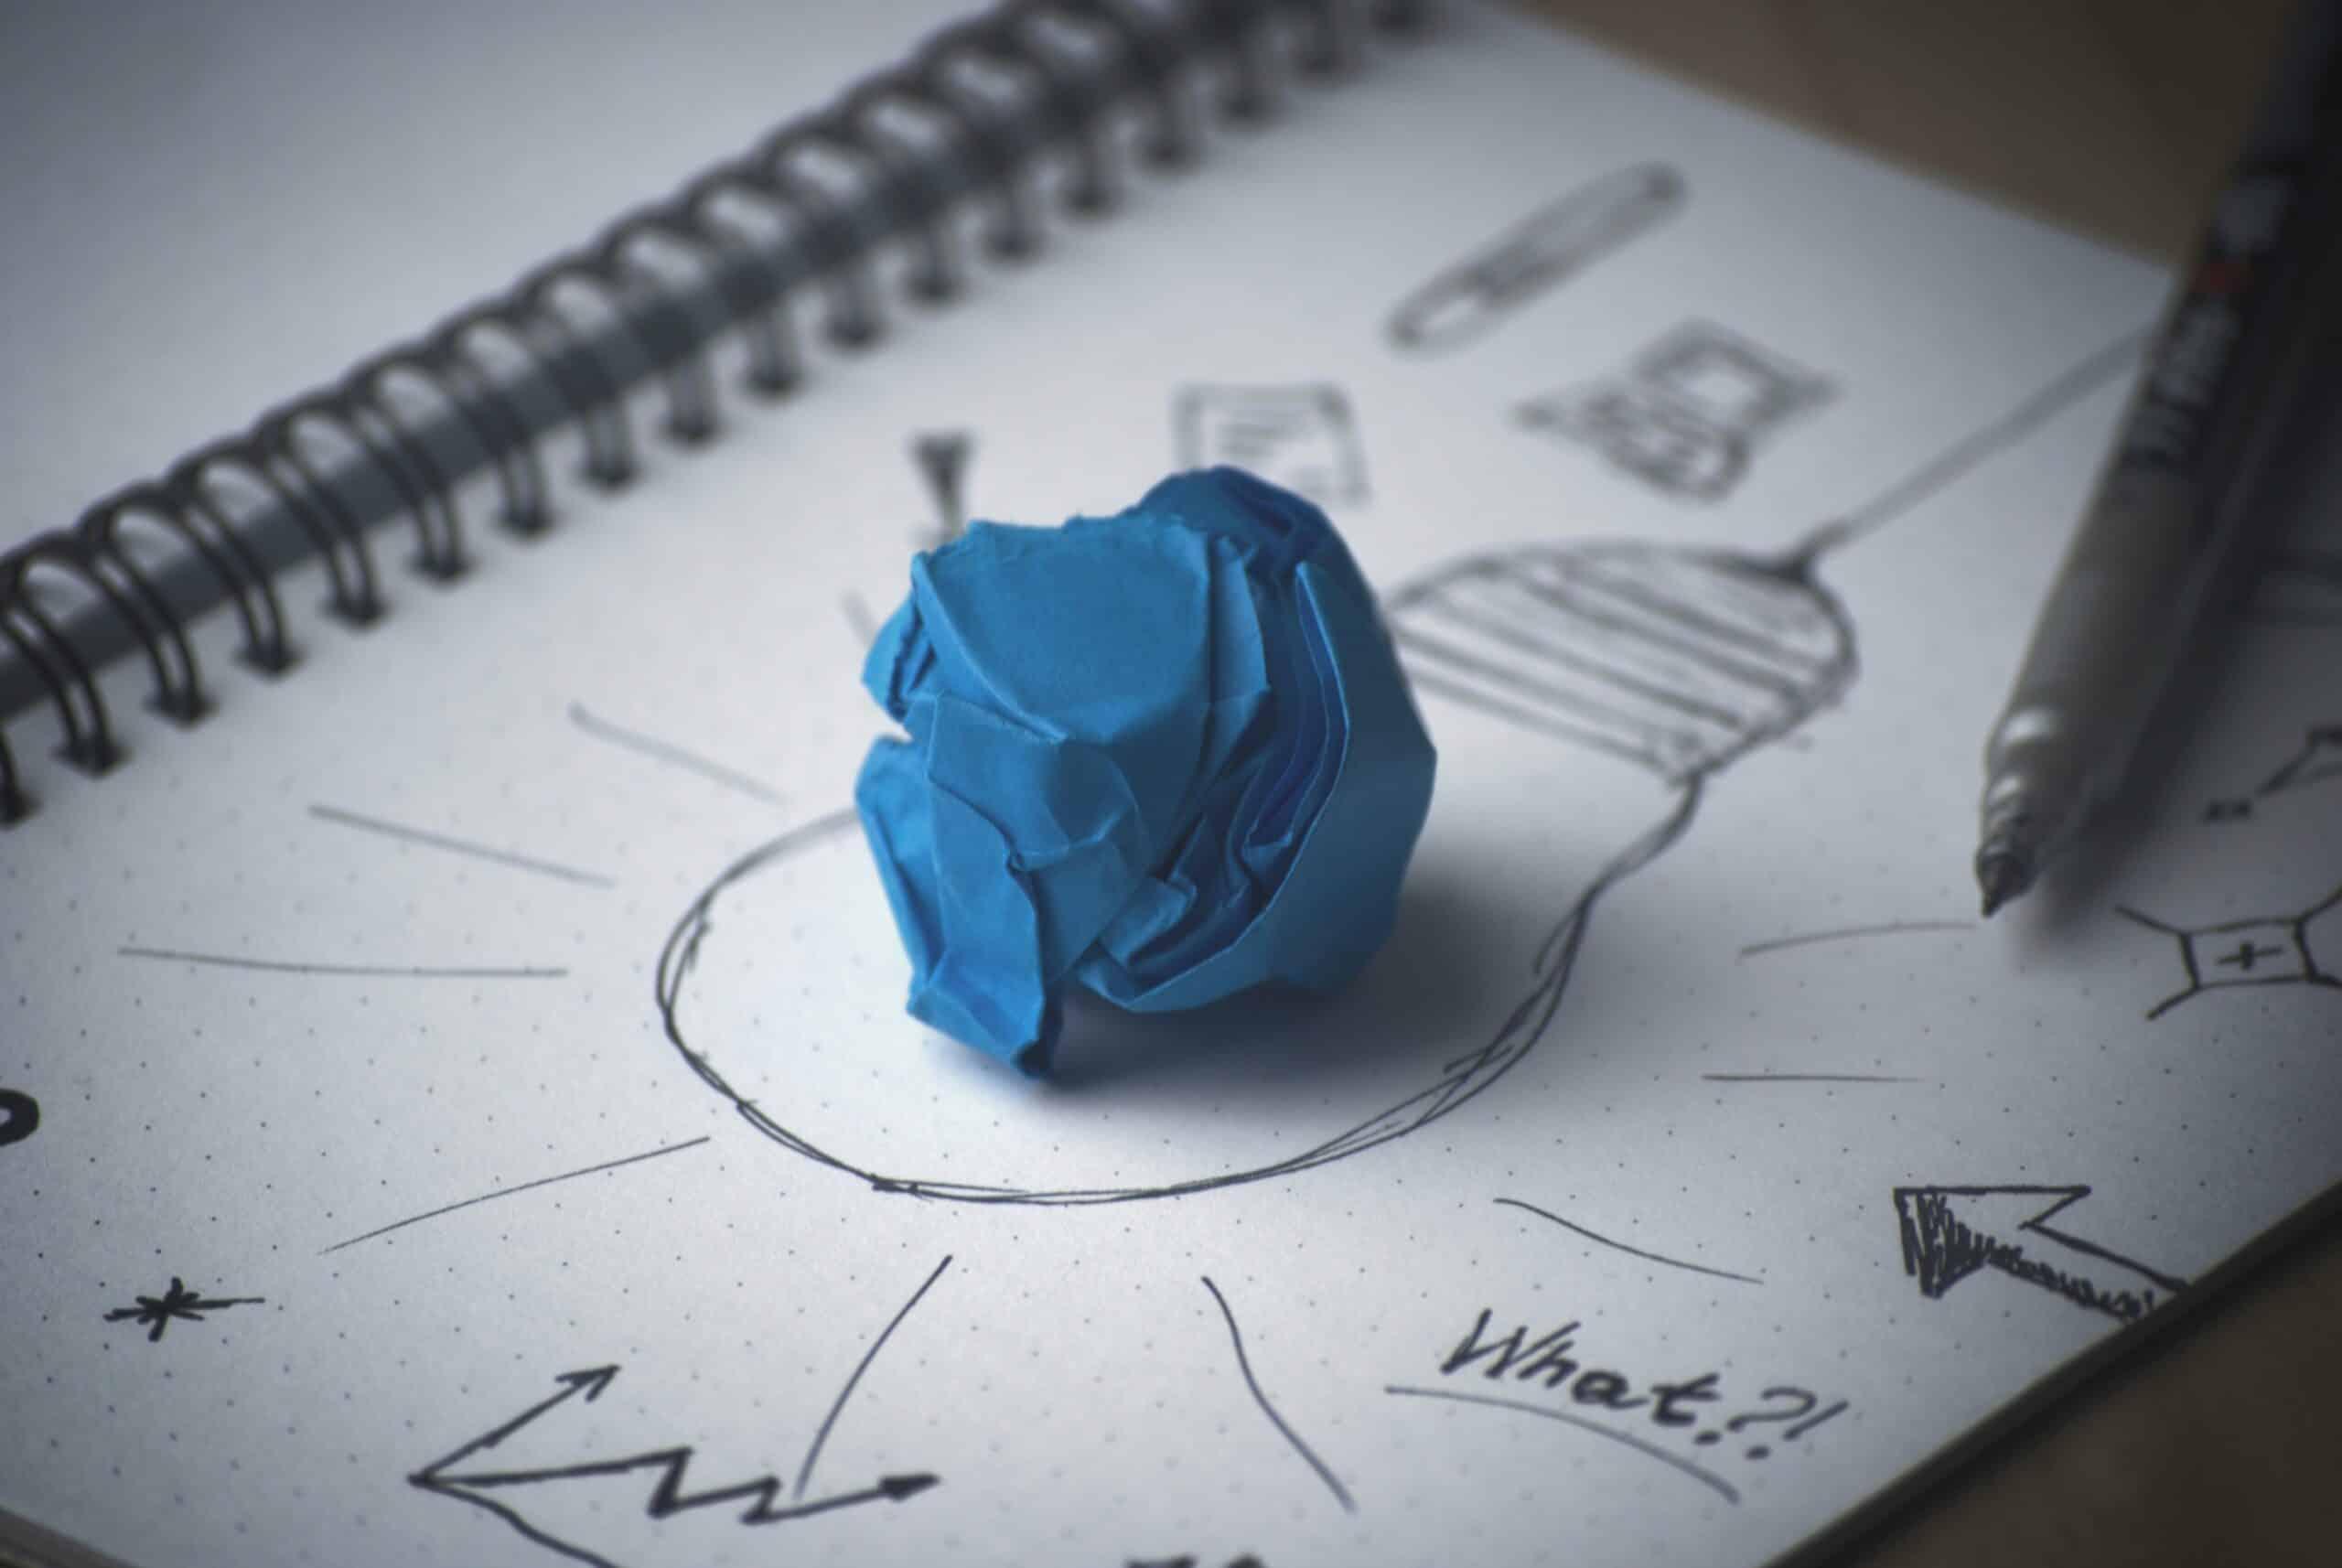 StellaPop-pen-idea-bulb-paper.jpg